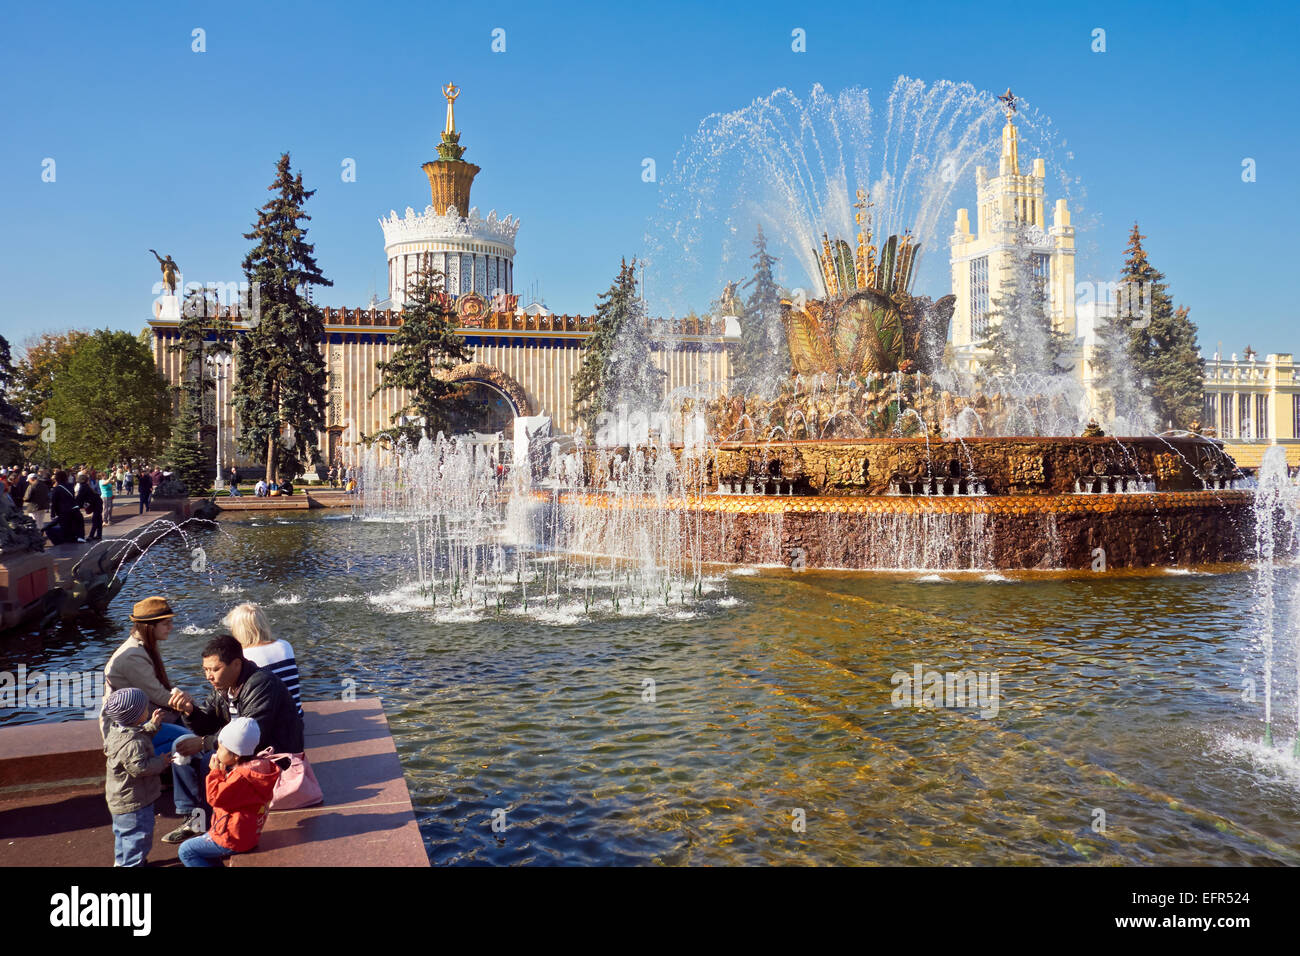 Les gens de la fontaine de fleurs de pierre au Centre d'exposition de toute la Russie (VDNKh). Moscou, Russie. Banque D'Images